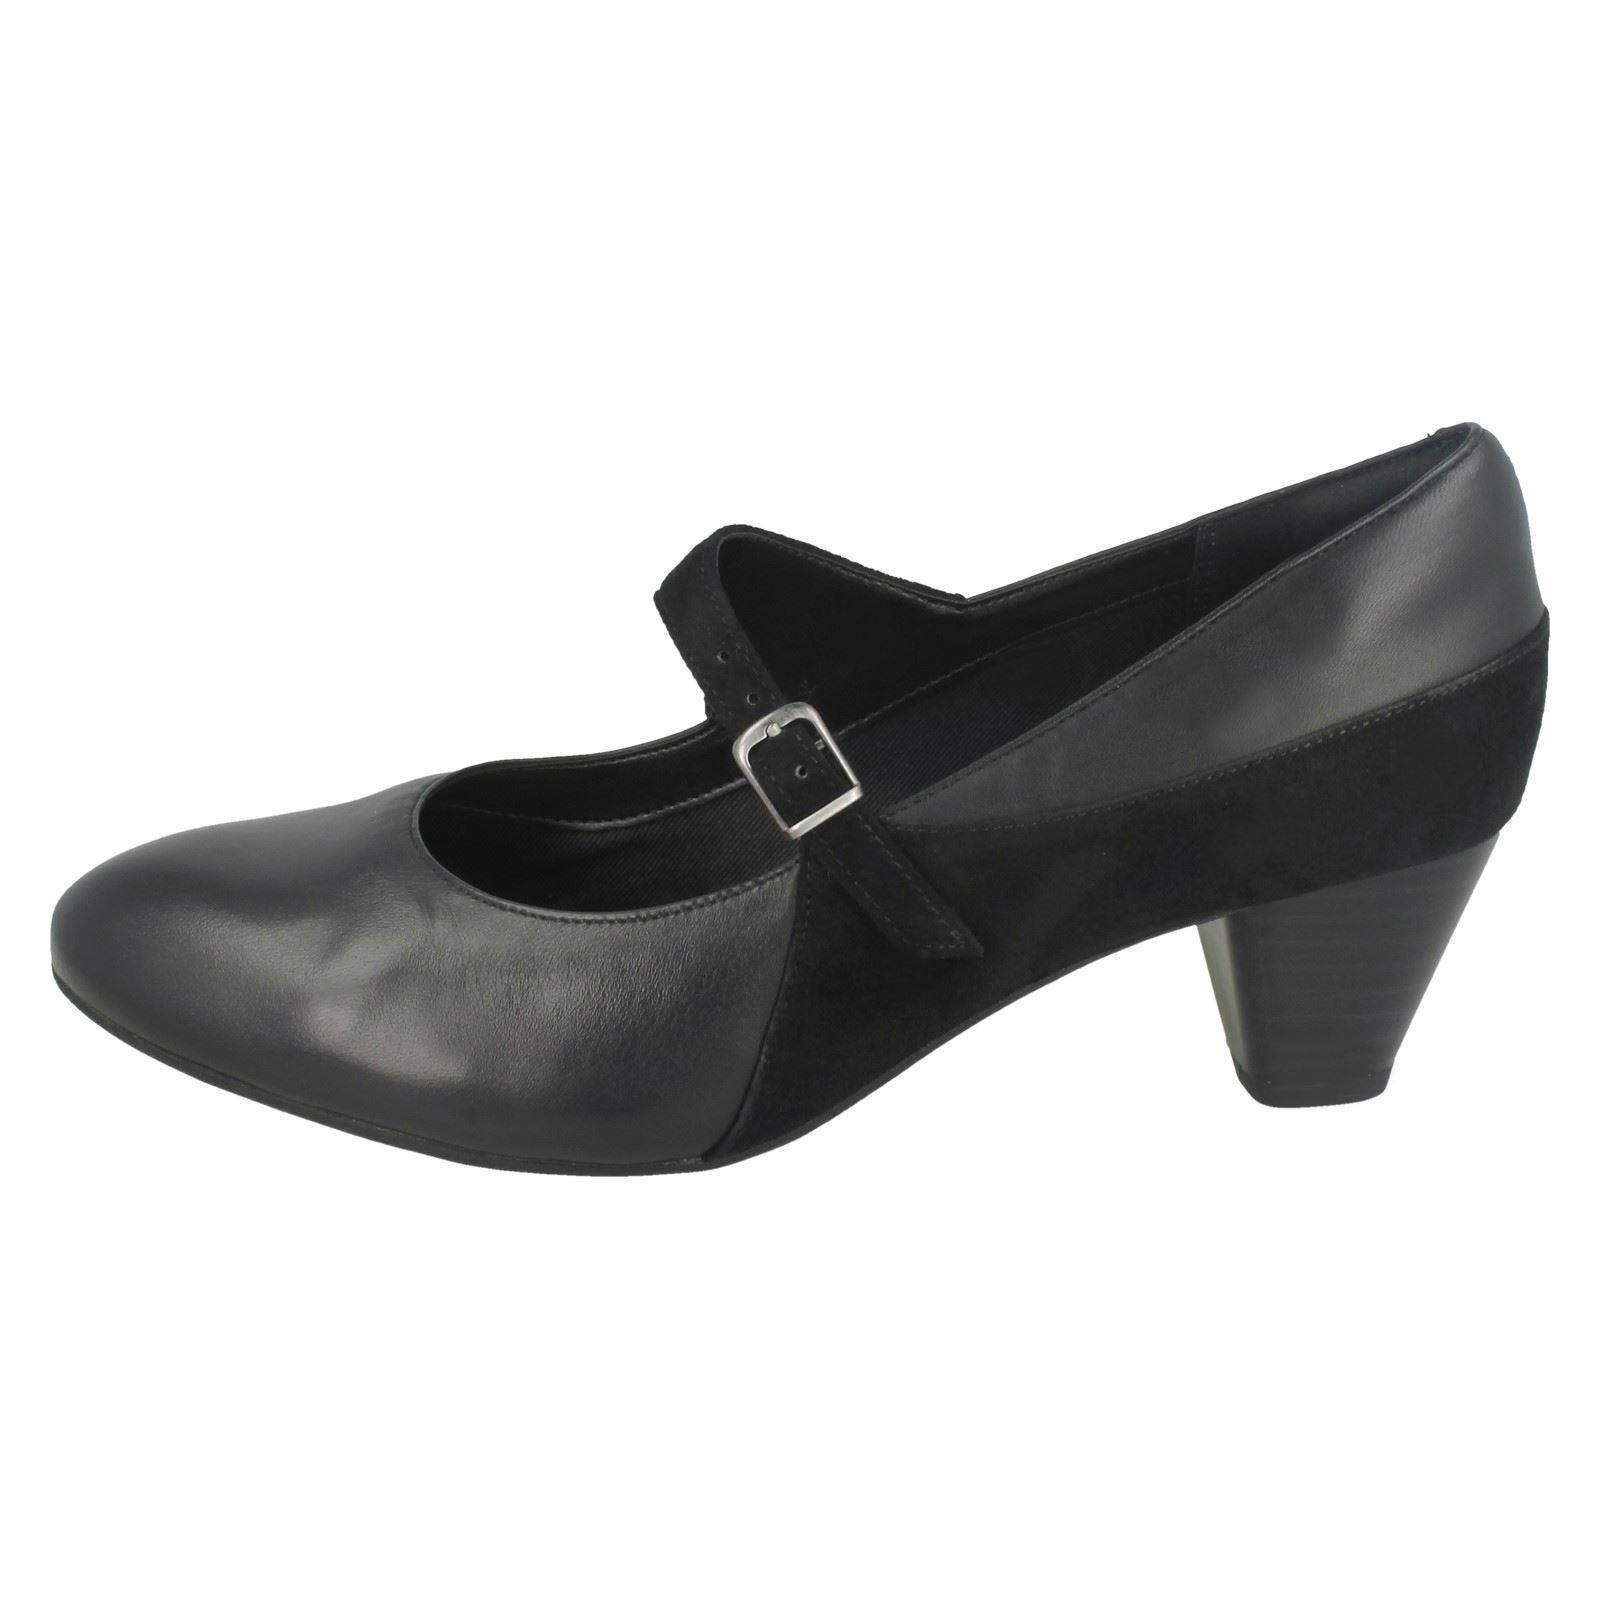 30119d0da9d114 ... mesdames clarks boucle boucle boucle cour officielle chaussures denny  bradford | Vente Chaude f6bf44 ...